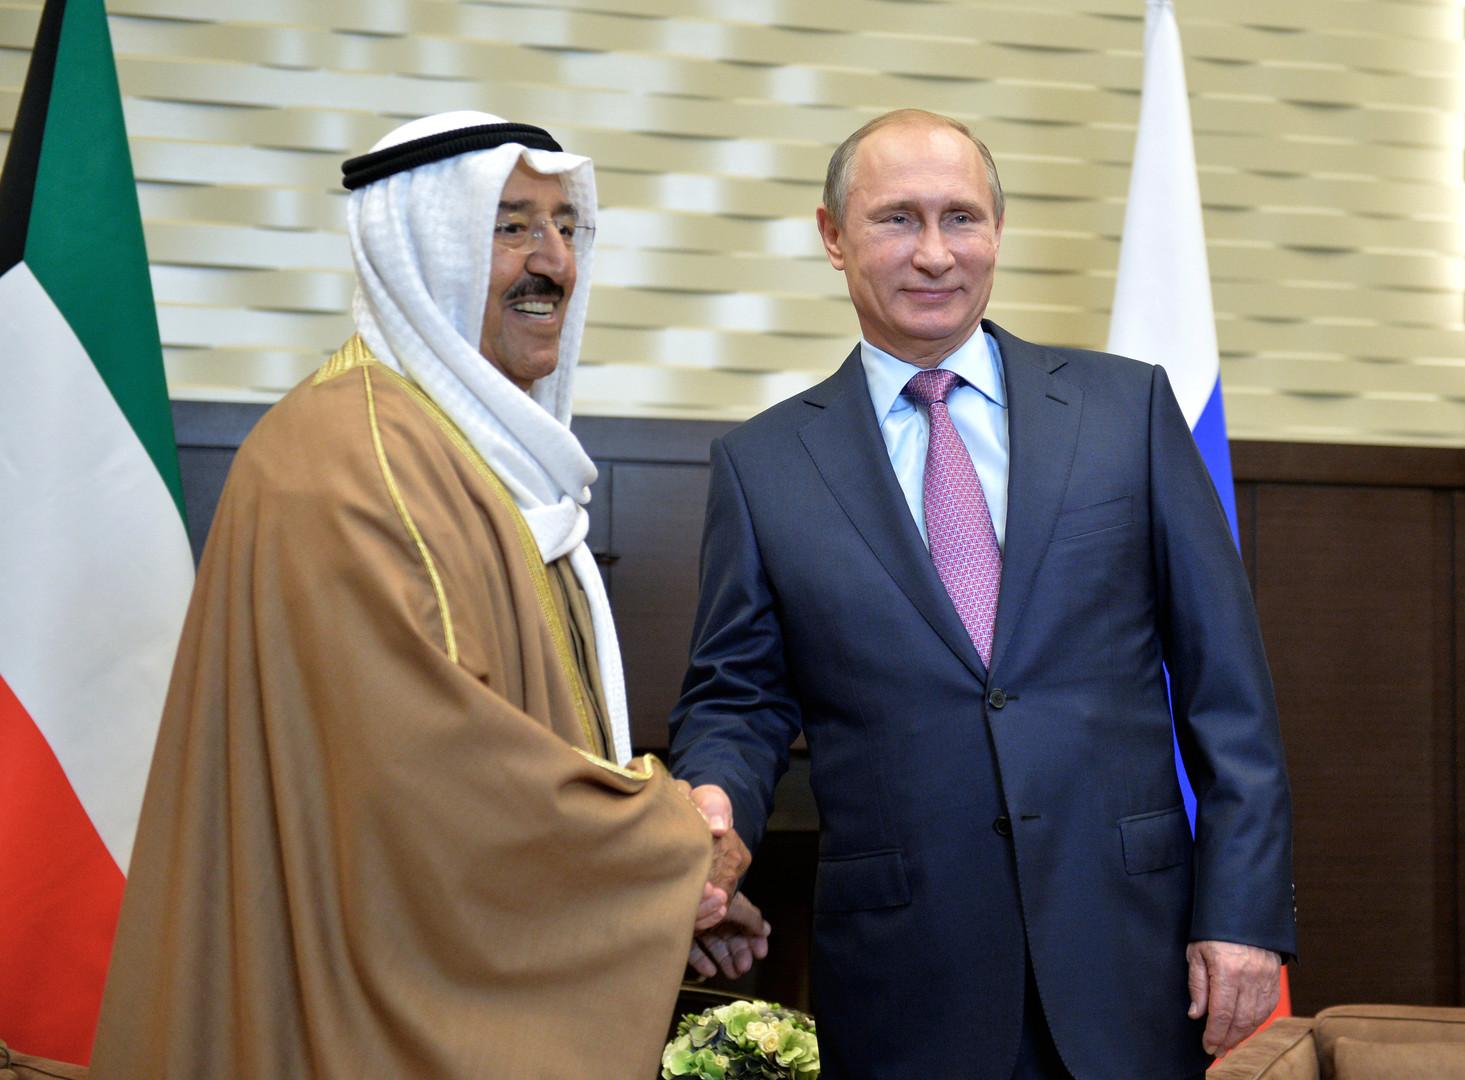 بوتين يهنئ أمير الكويت بعيد ميلاده ويدعوه لحماية المواطنة الروسية المدانة في الكويت